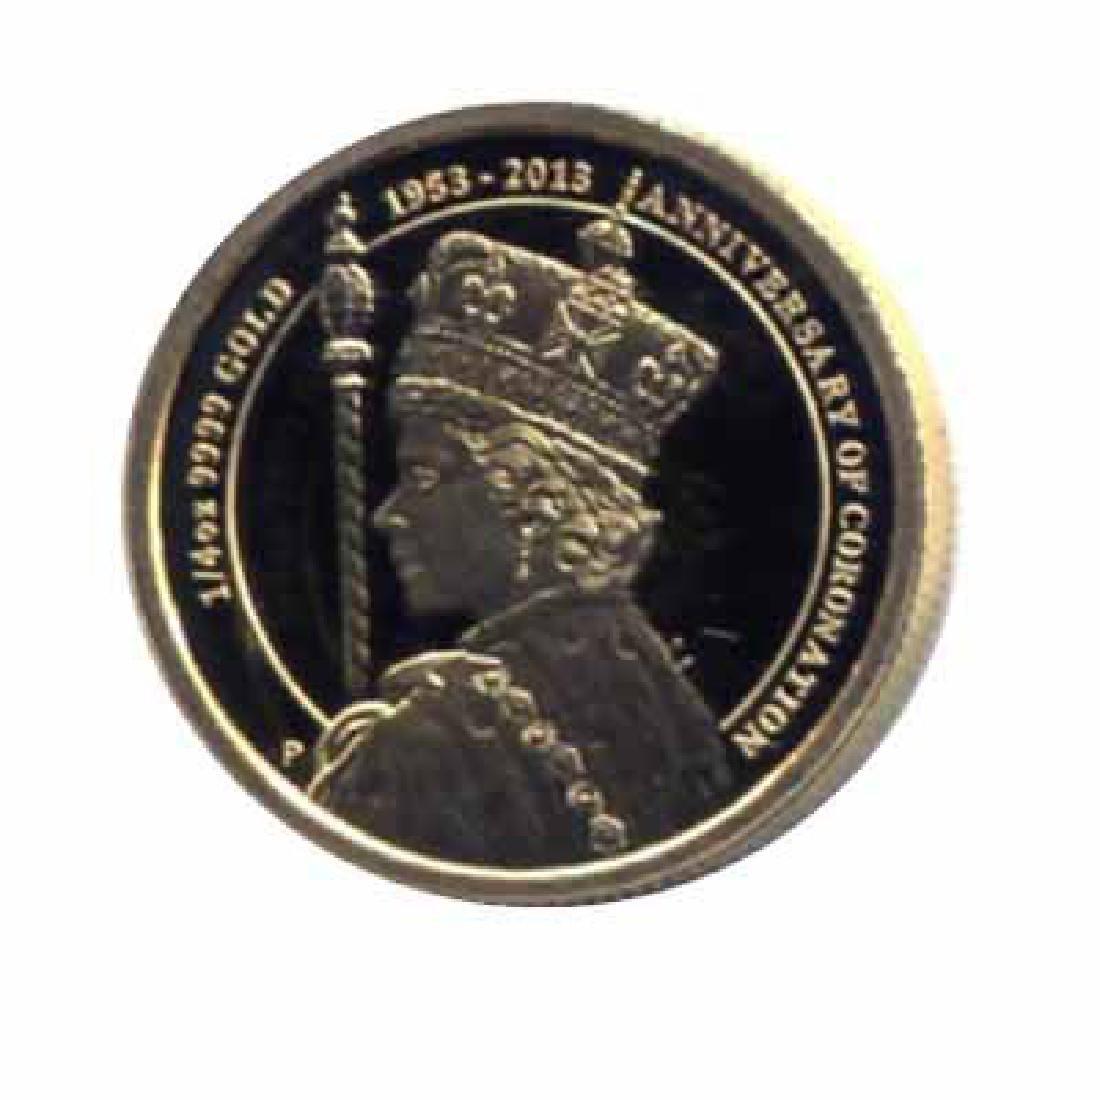 Australia $25 gold 2013 PF Coronation